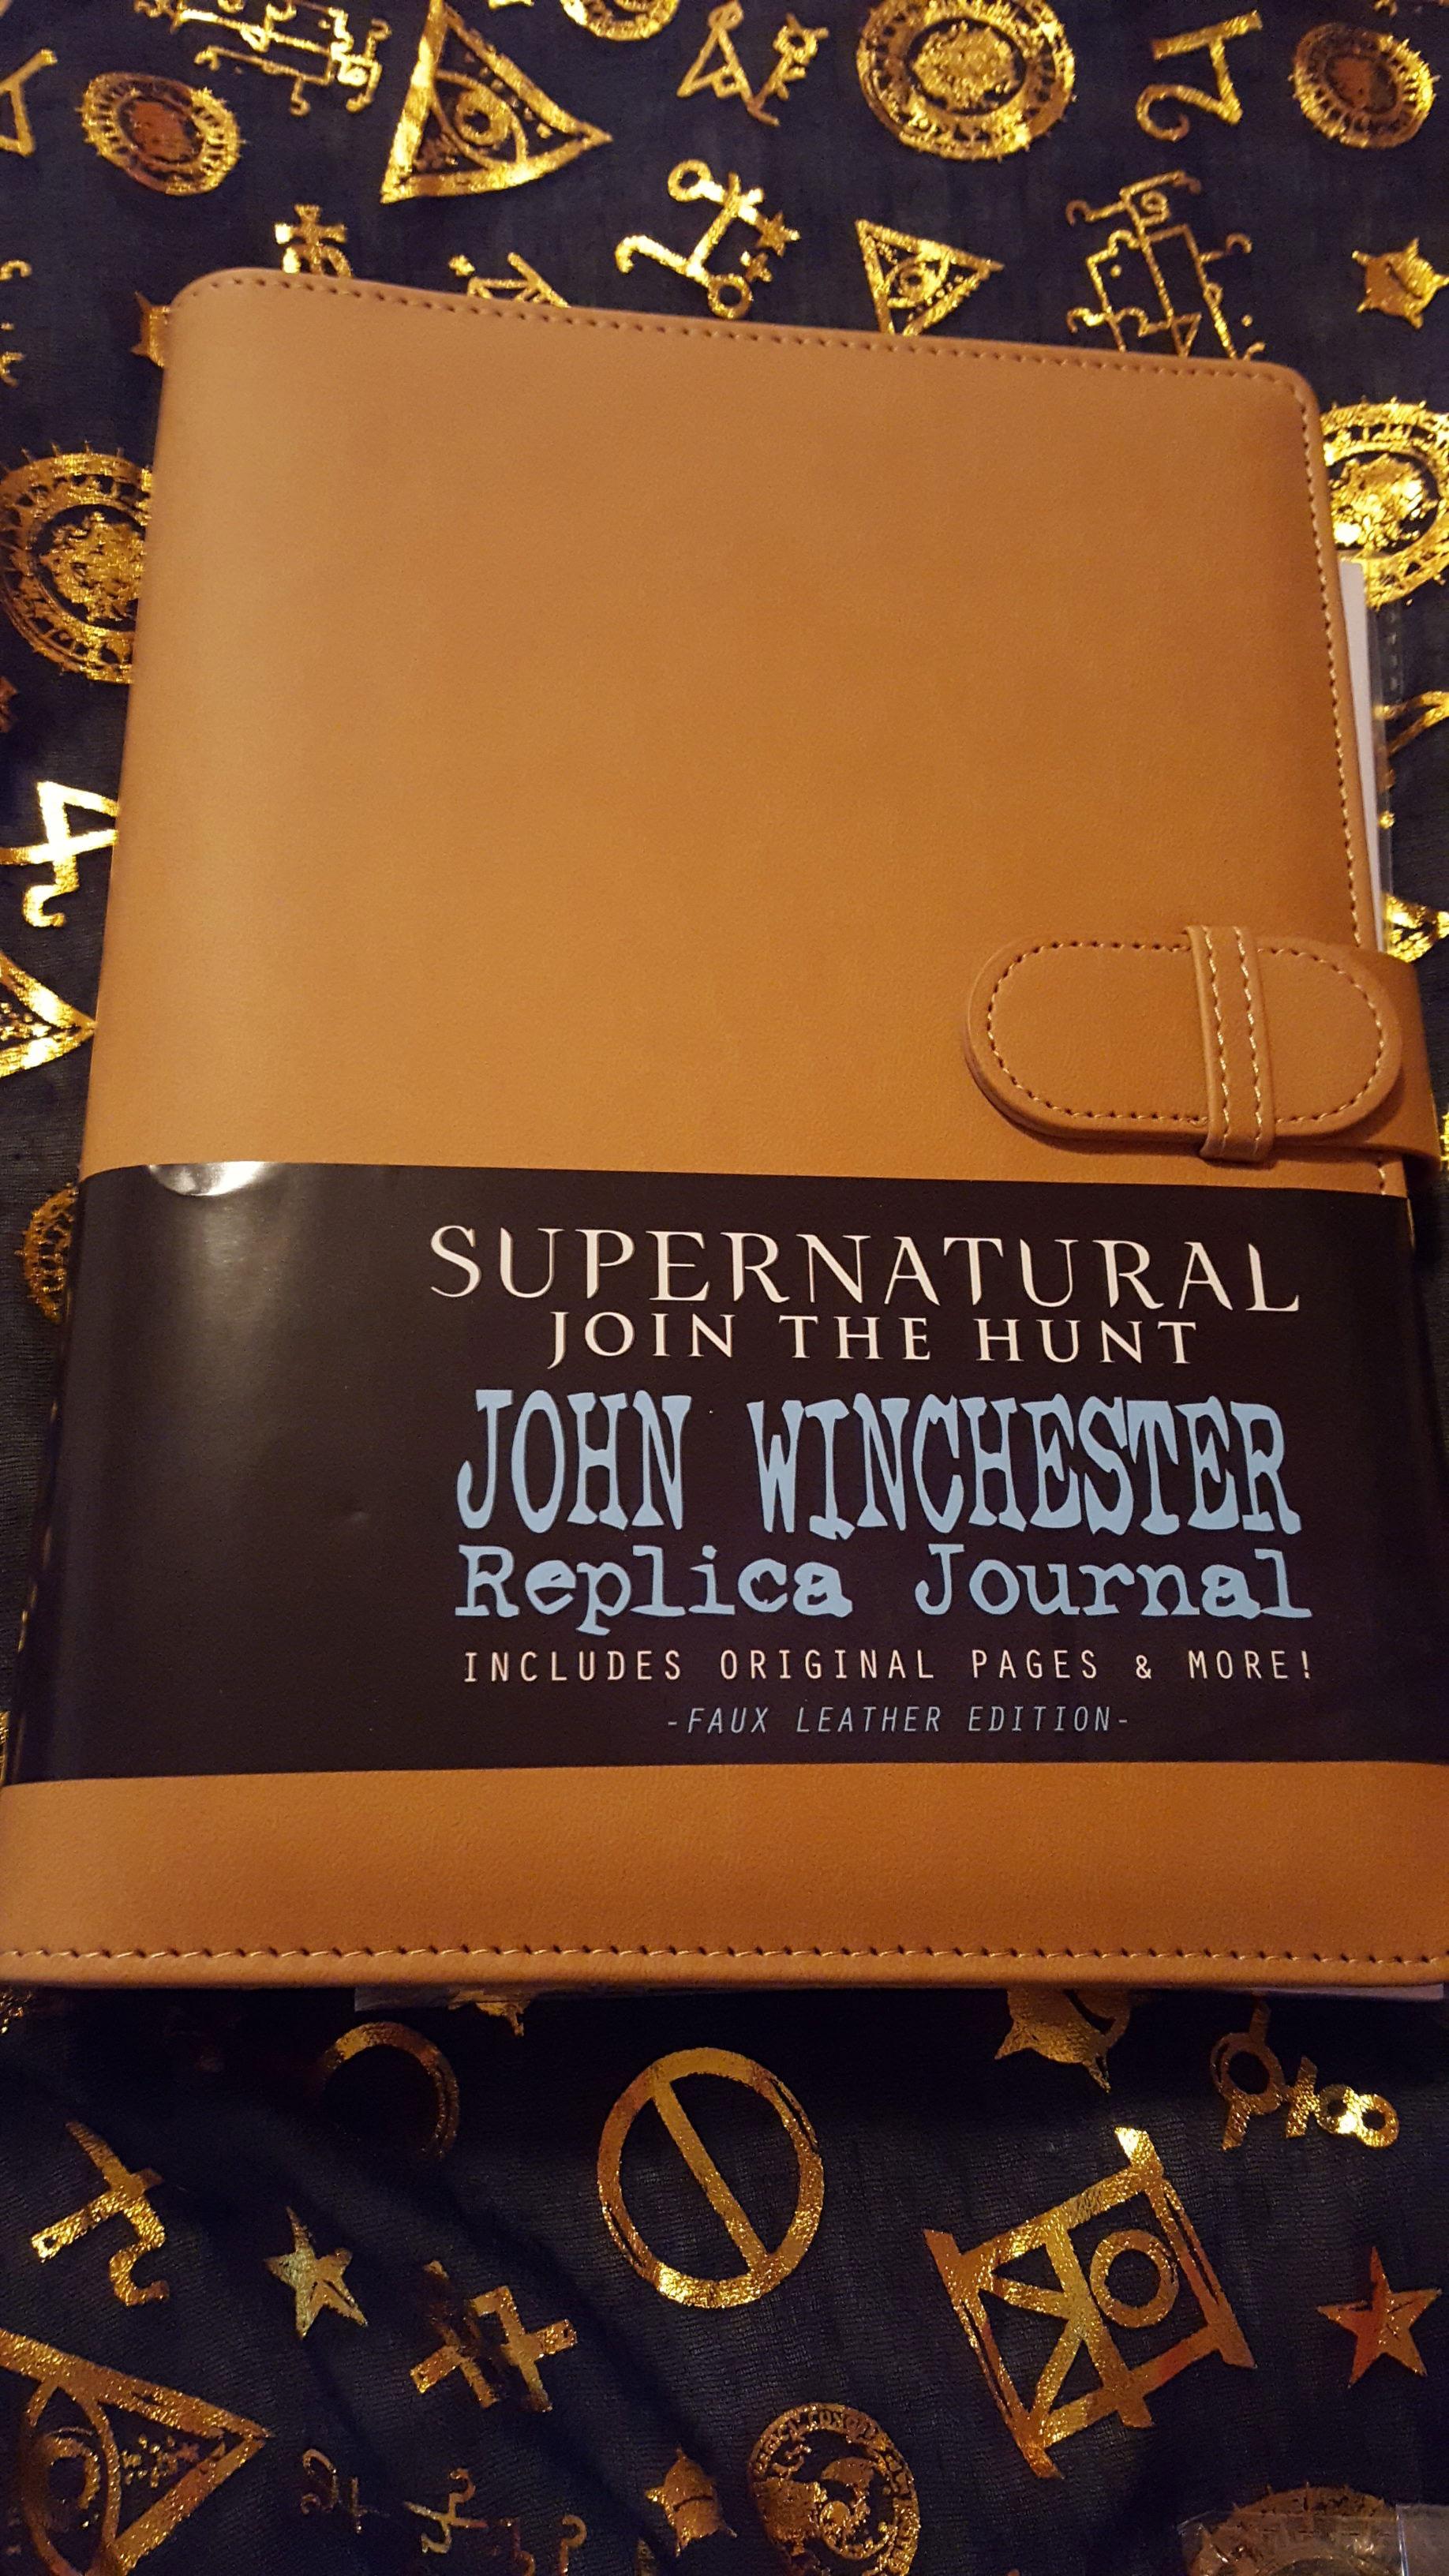 John Winchester replica journal